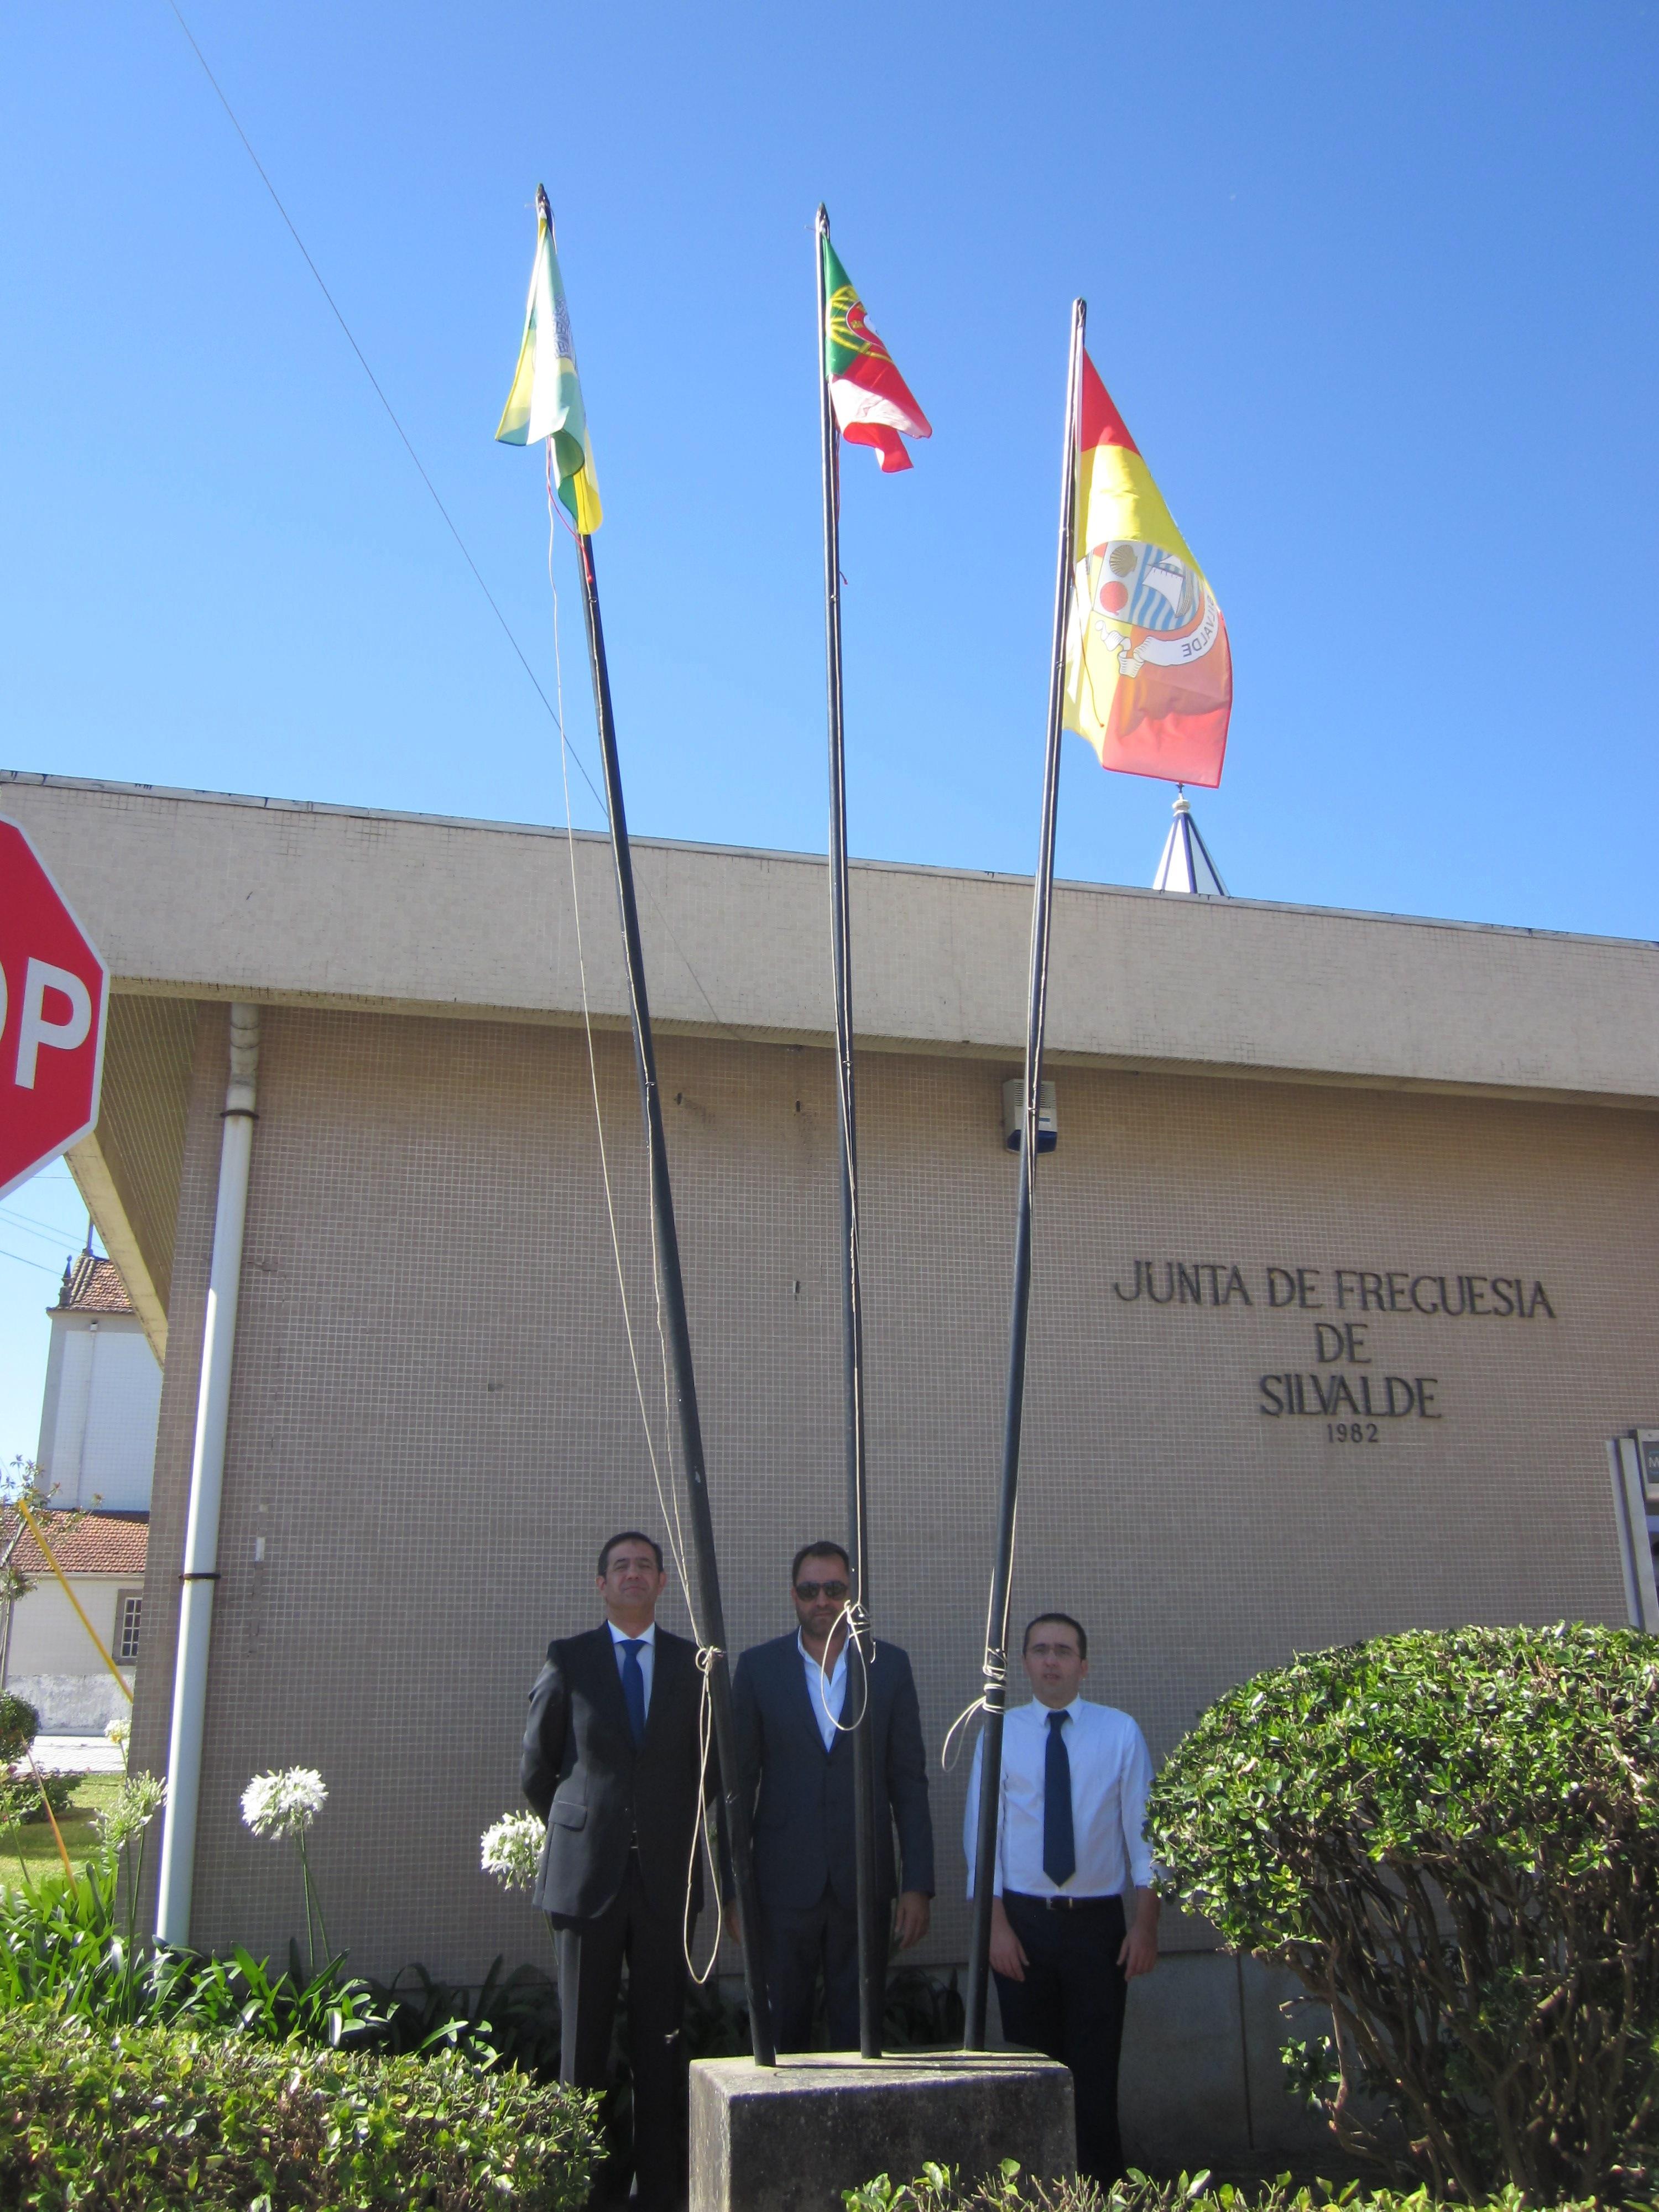 Dia da Vila 01 - Hastear da Bandeira